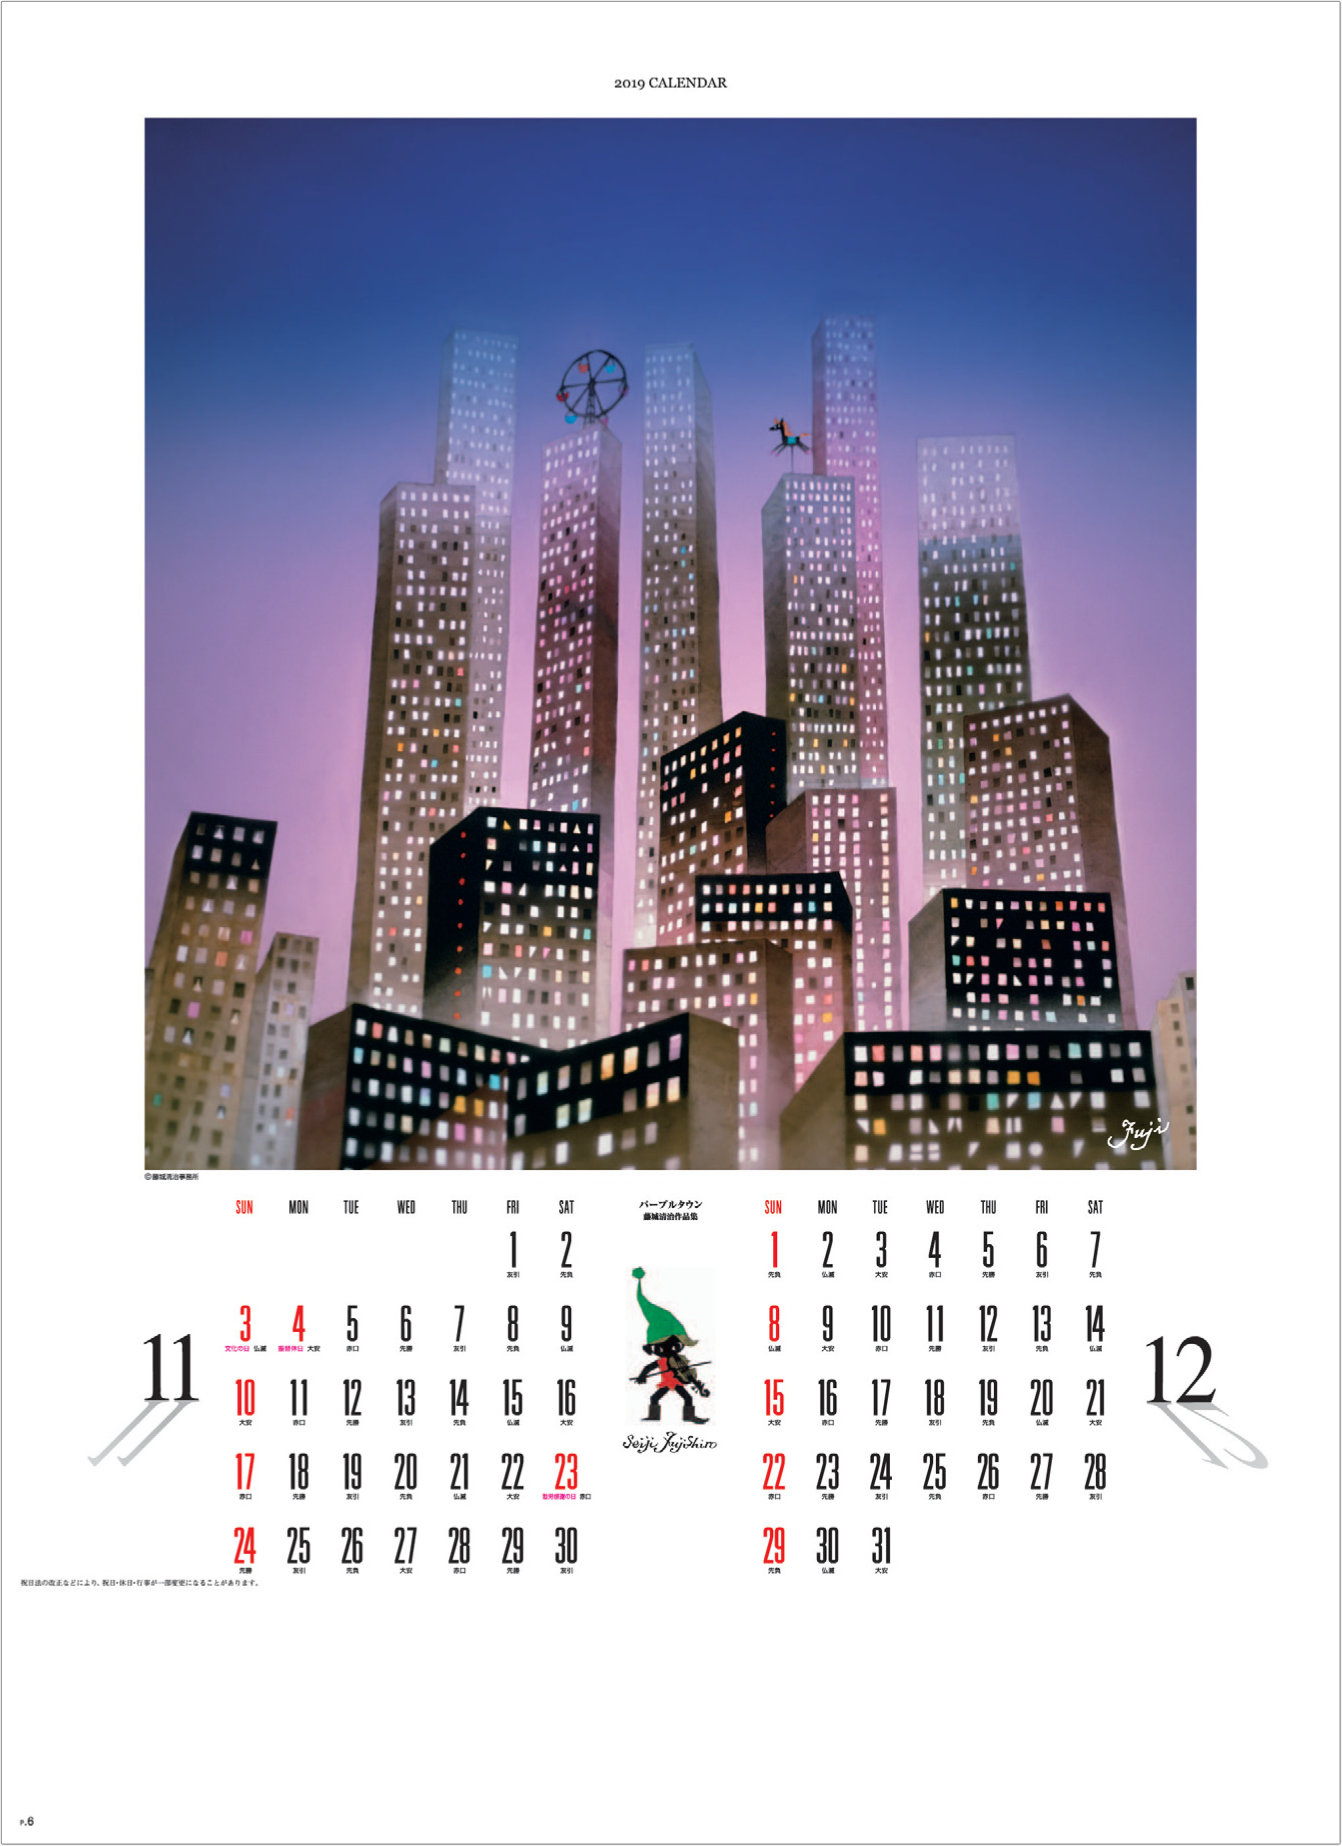 藤城清治作品「パープルタウン」 遠い日の風景から(影絵)  藤城清治 2019年カレンダーの画像